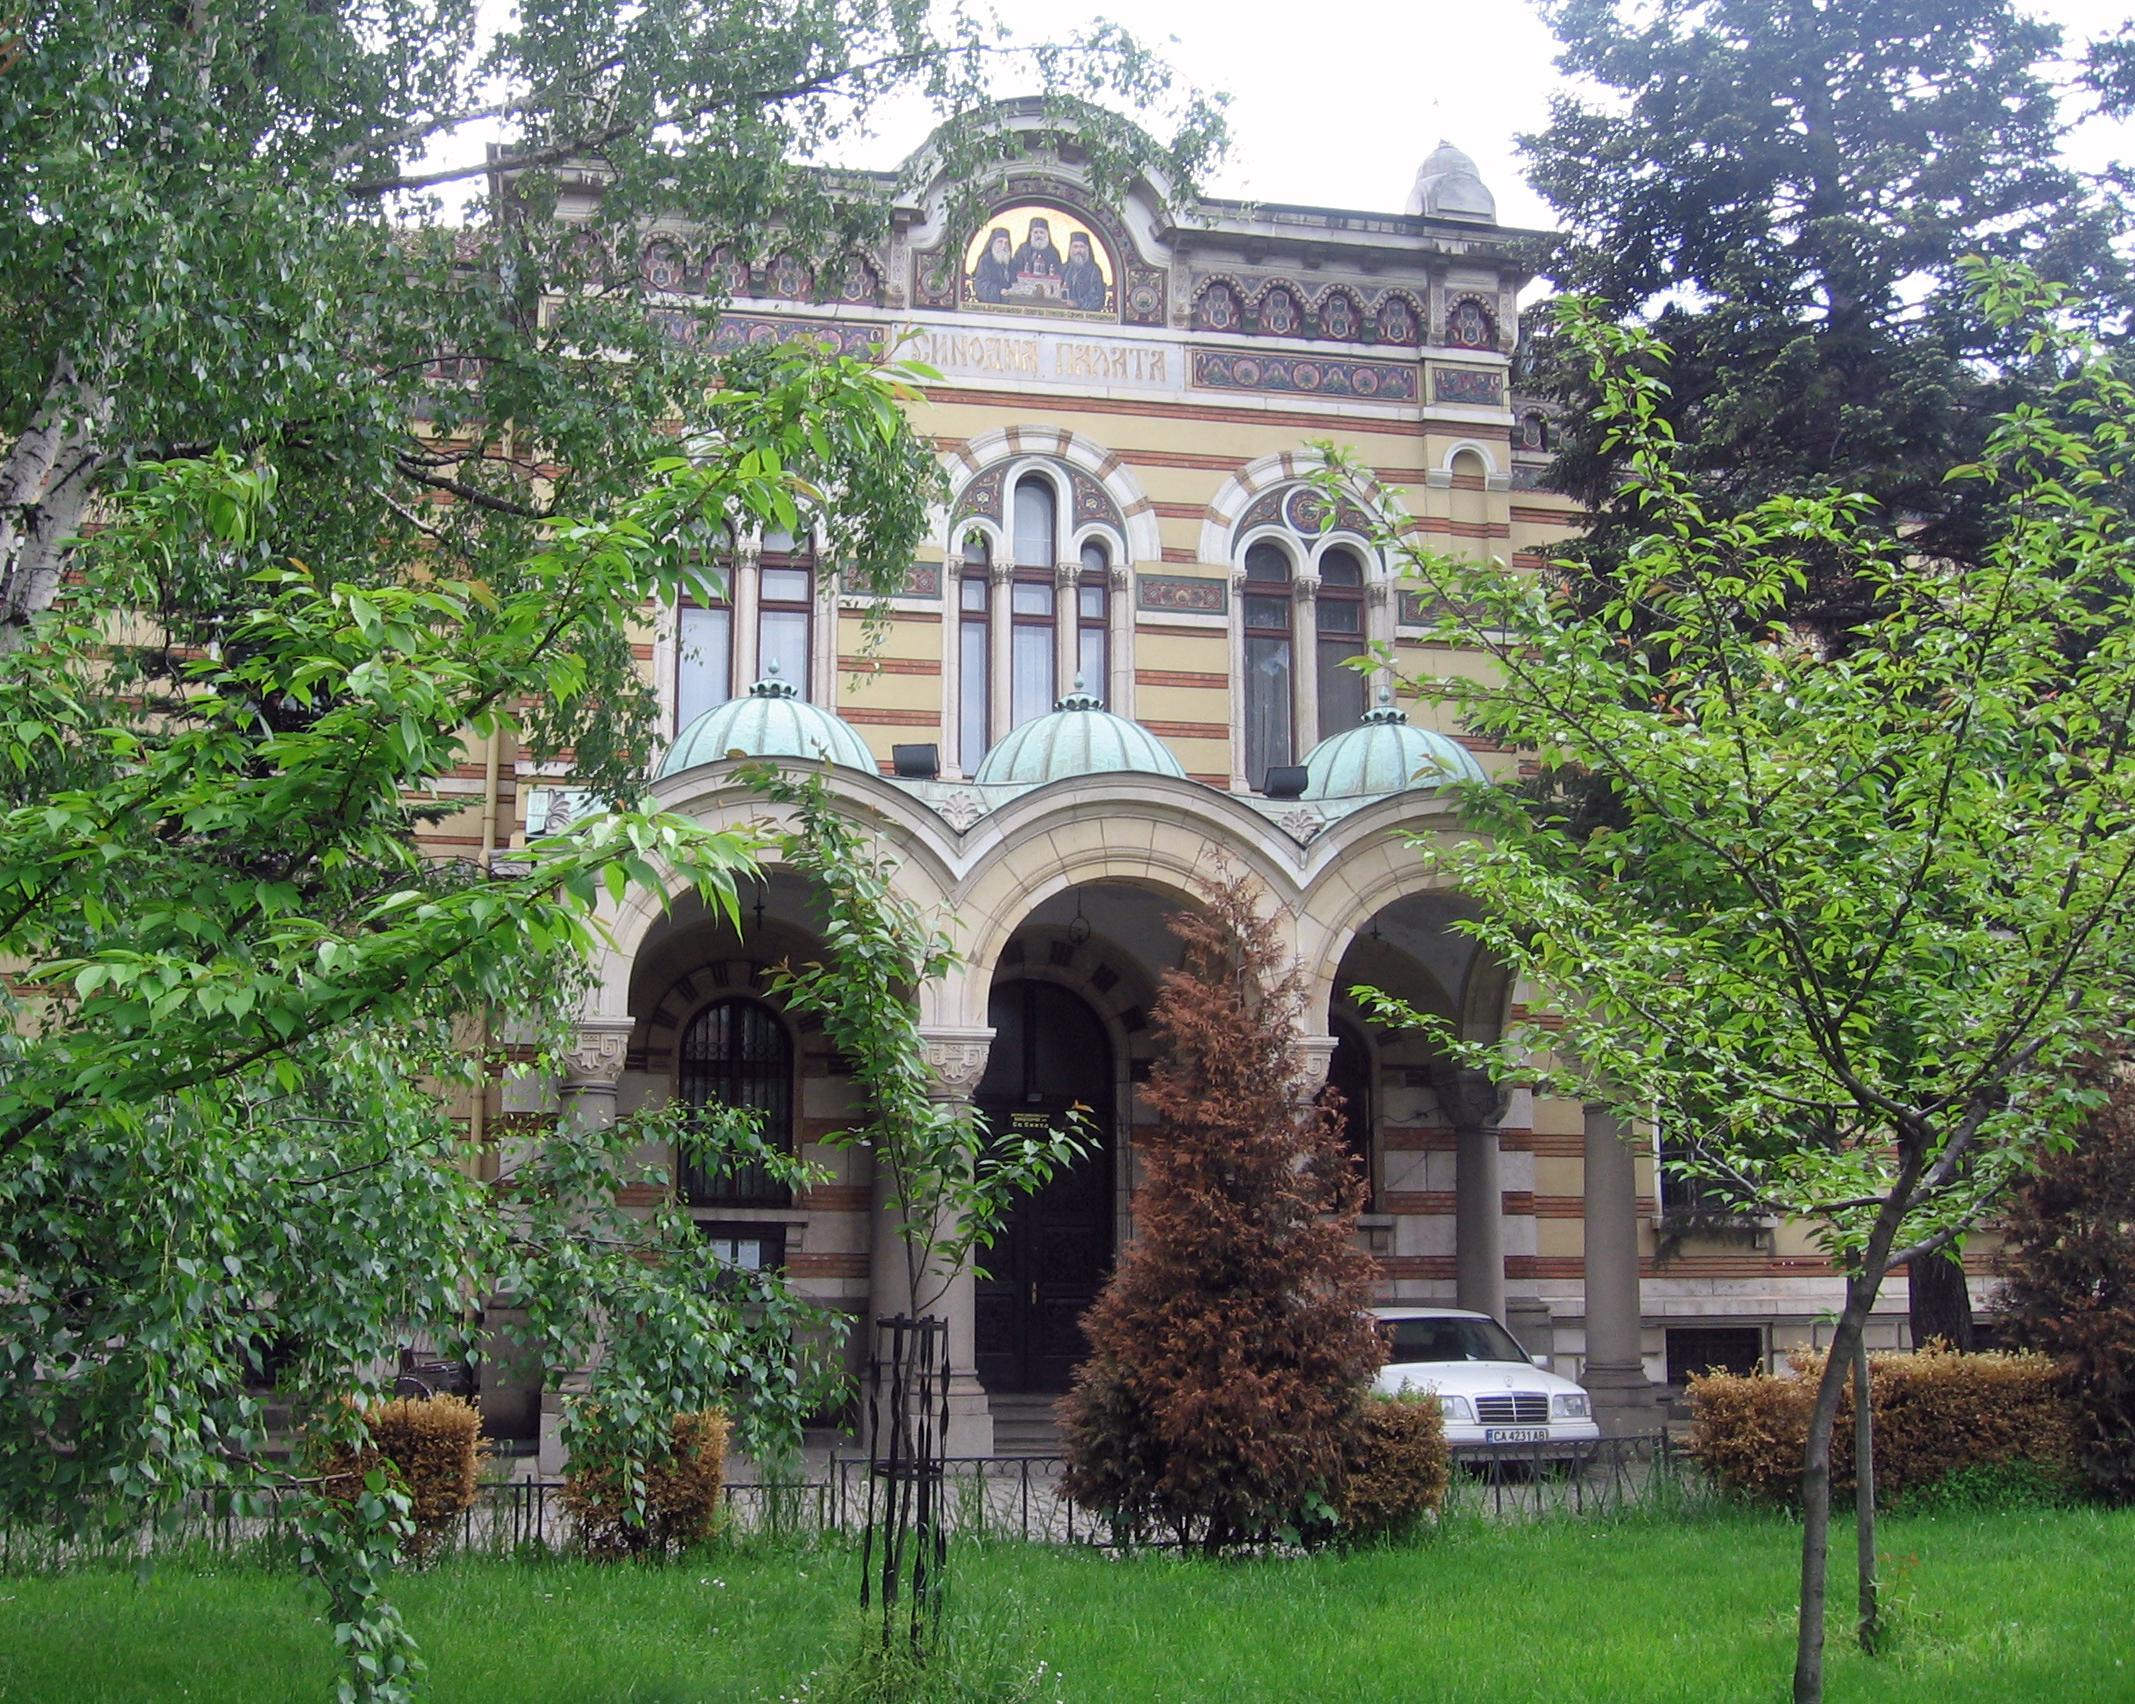 Building_of_the_Holy_Synod_of_the_Bulgarian_Orthodox_Church Всемирното Православие - И З Я В Л Е Н И Е НА СВ. СИНОД НА БЪЛГАРСКАТА ПРАВОСЛАВНА ЦЪРКВА-БЪЛГАРСКА ПАТРИАРШИЯ ОТНОСНО ПРОВЕЖДАНЕТО НА ГЕЙ-ПАРАД В СОФИЯ НА 21 ЮНИ 2014 Г.